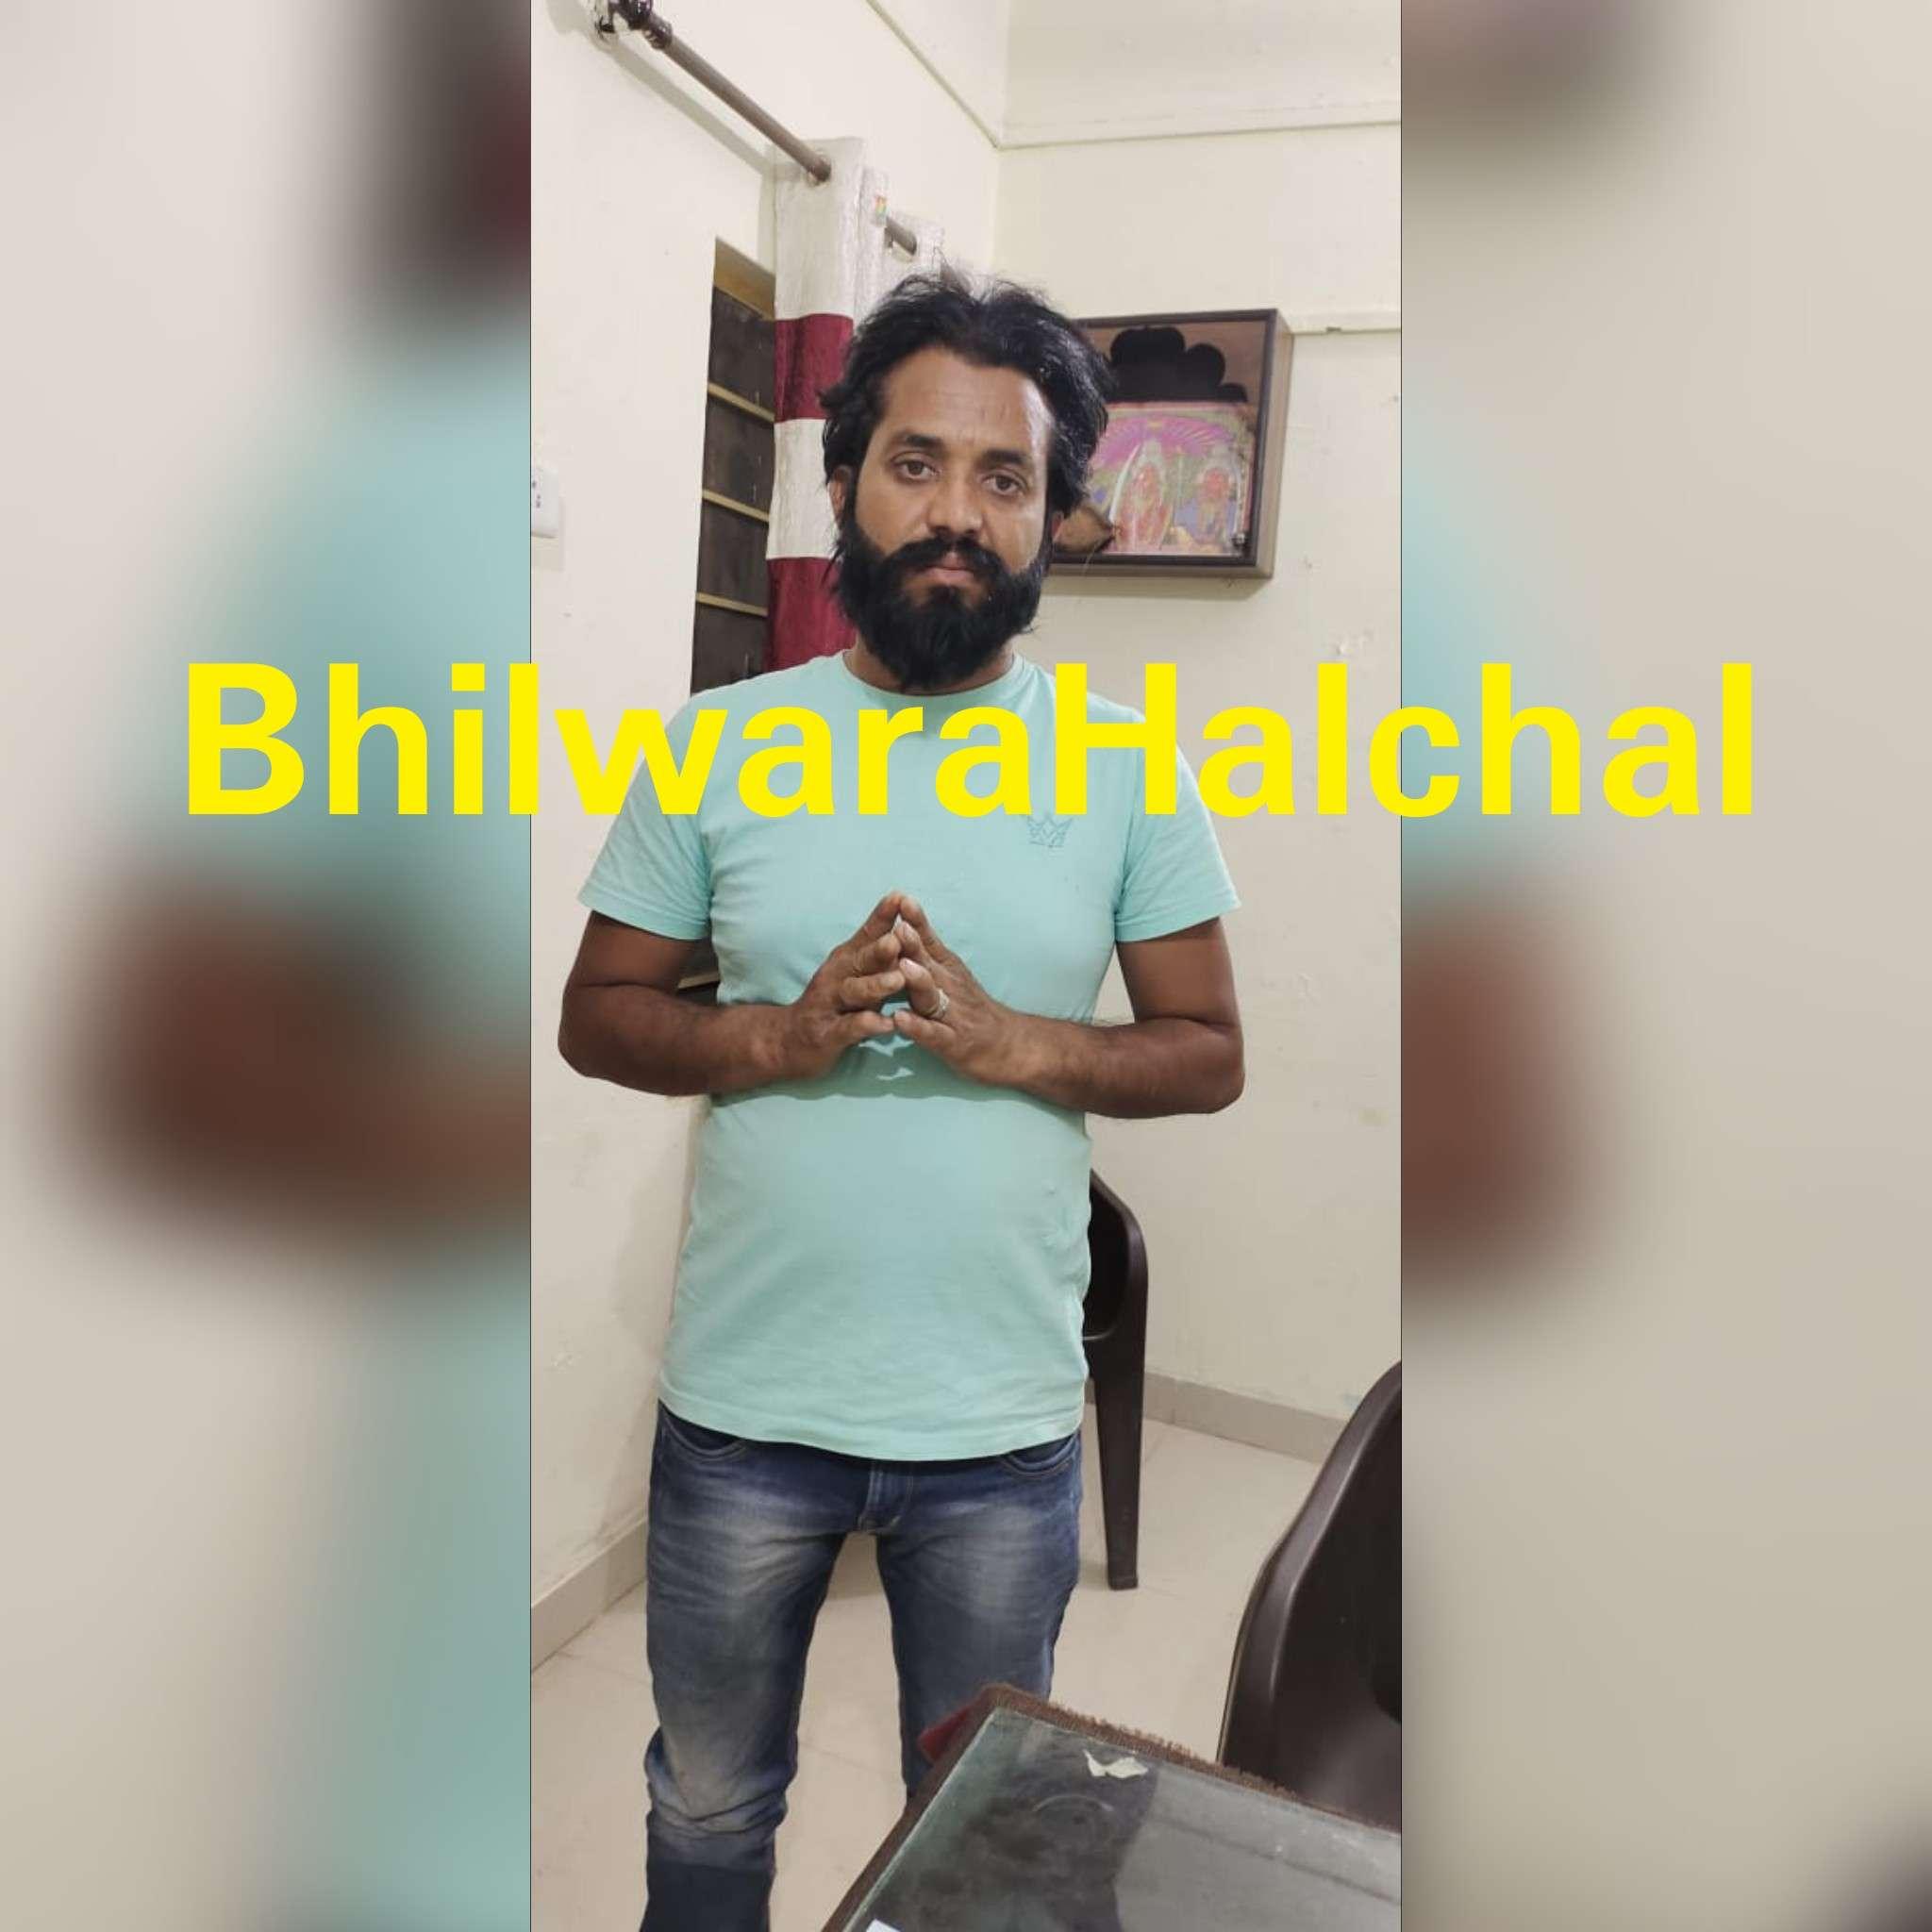 टोलनाके पर गुंडागर्दी कर कांग्रेस पार्षद की कार में तोडफ़ोड़ करने वाला टोलकर्मी गिरफ्तार